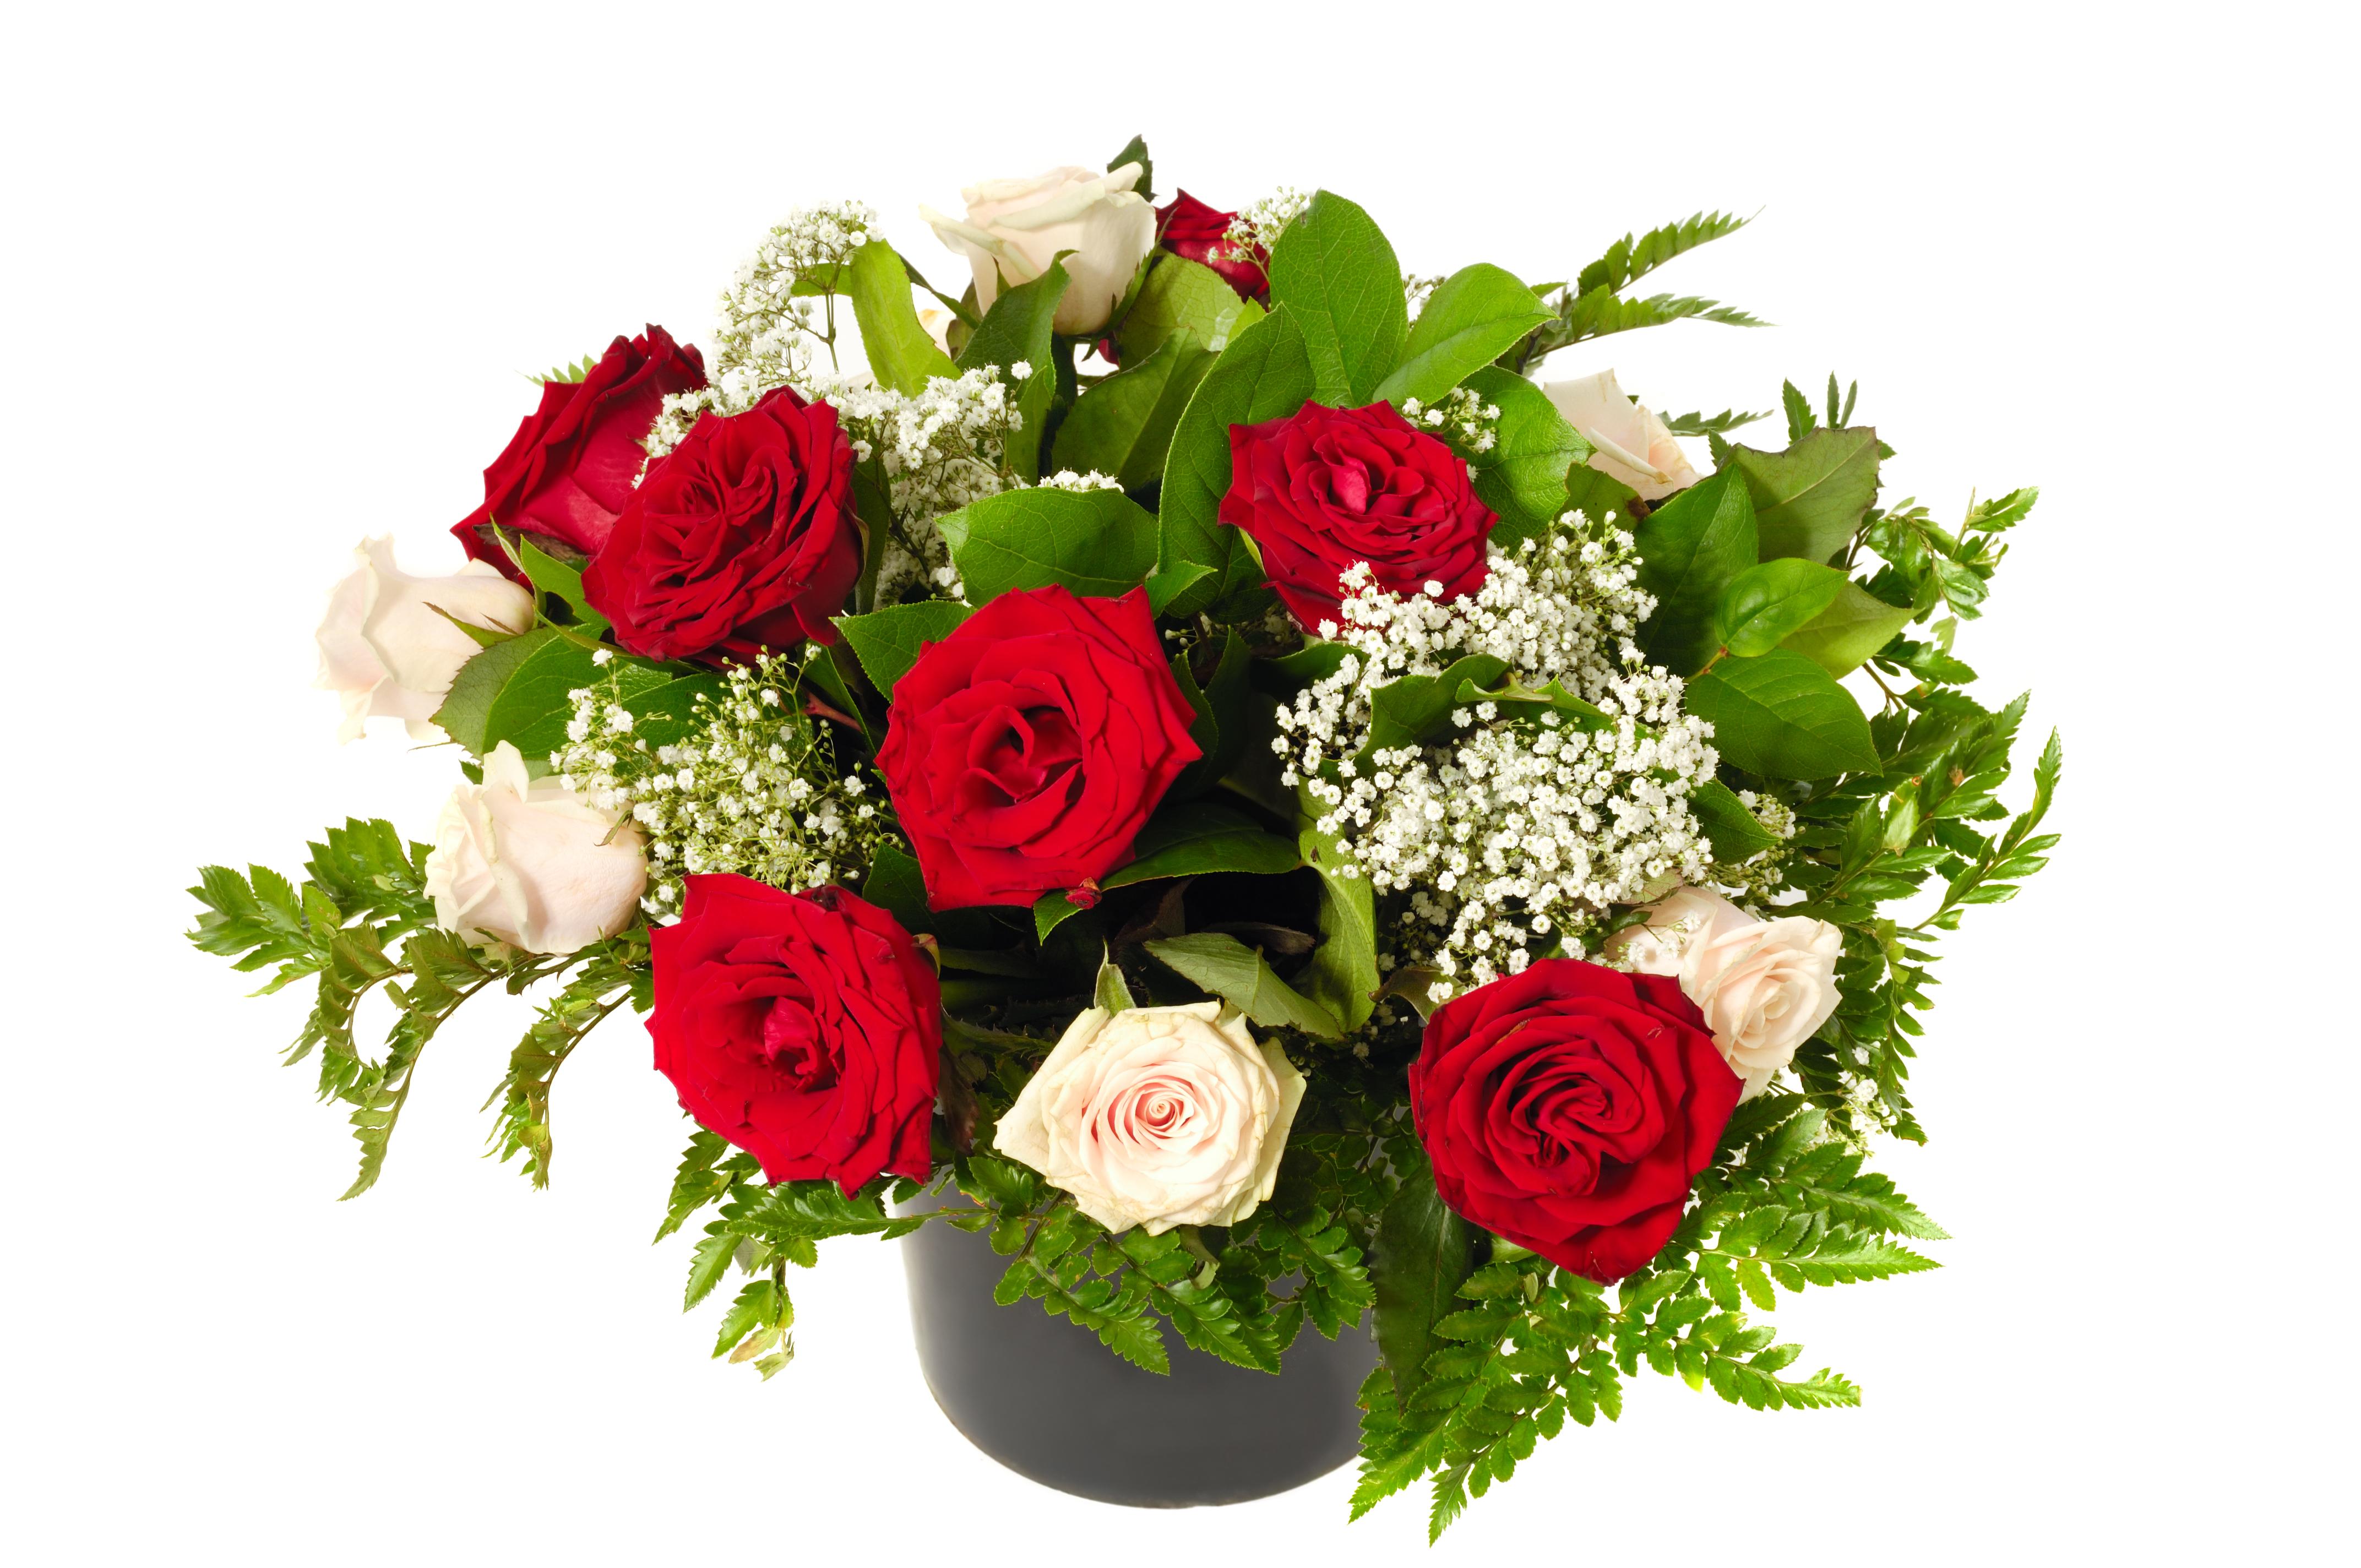 цветы букеты картинки на белом фоне